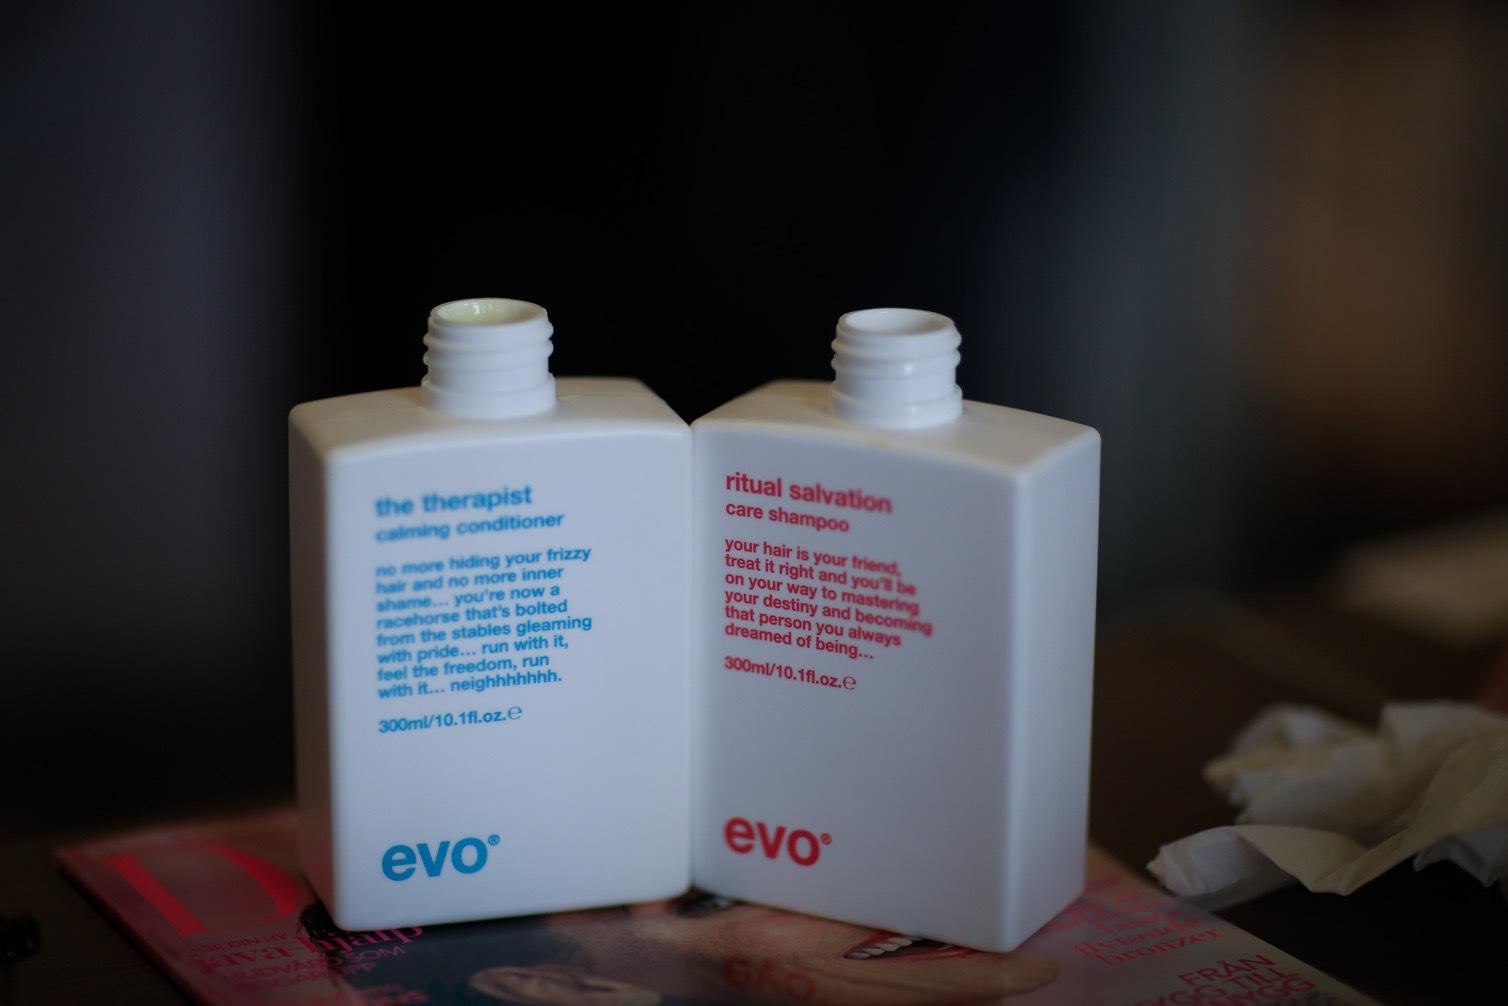 EVO gillar att driva med normer och har korta statementtexter på förpackningarna